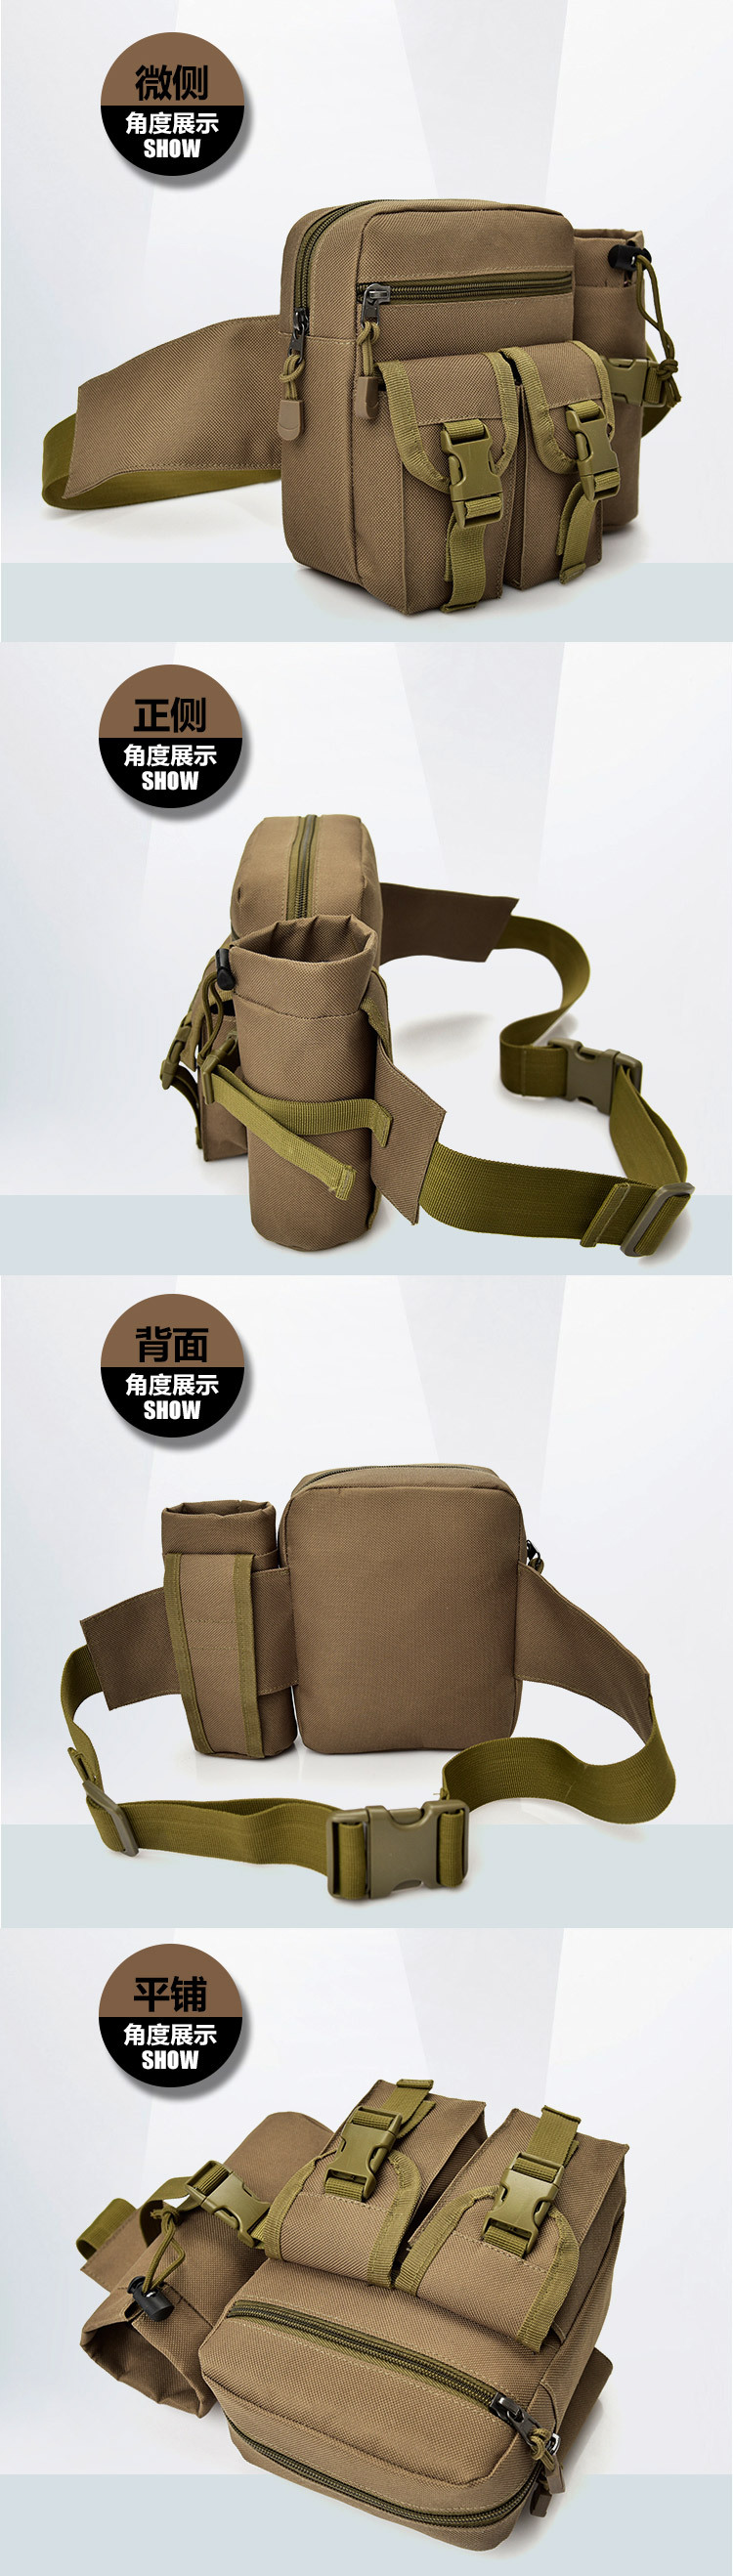 Multi-funcional ferramenta satchel equitação jarro correndo saco